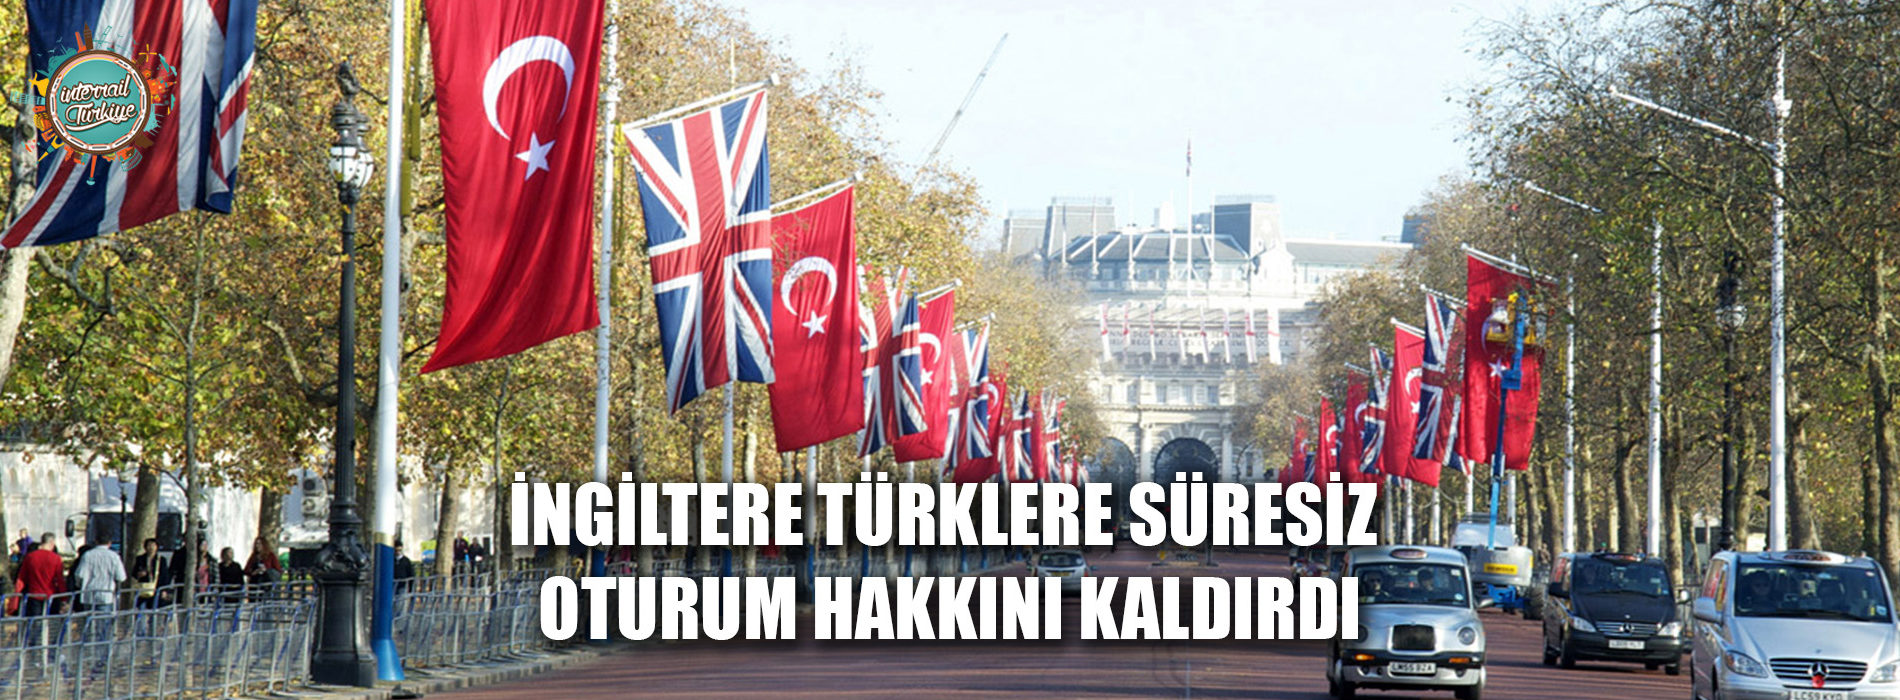 İngiltere Türklere süresiz oturum hakkını kaldırdı